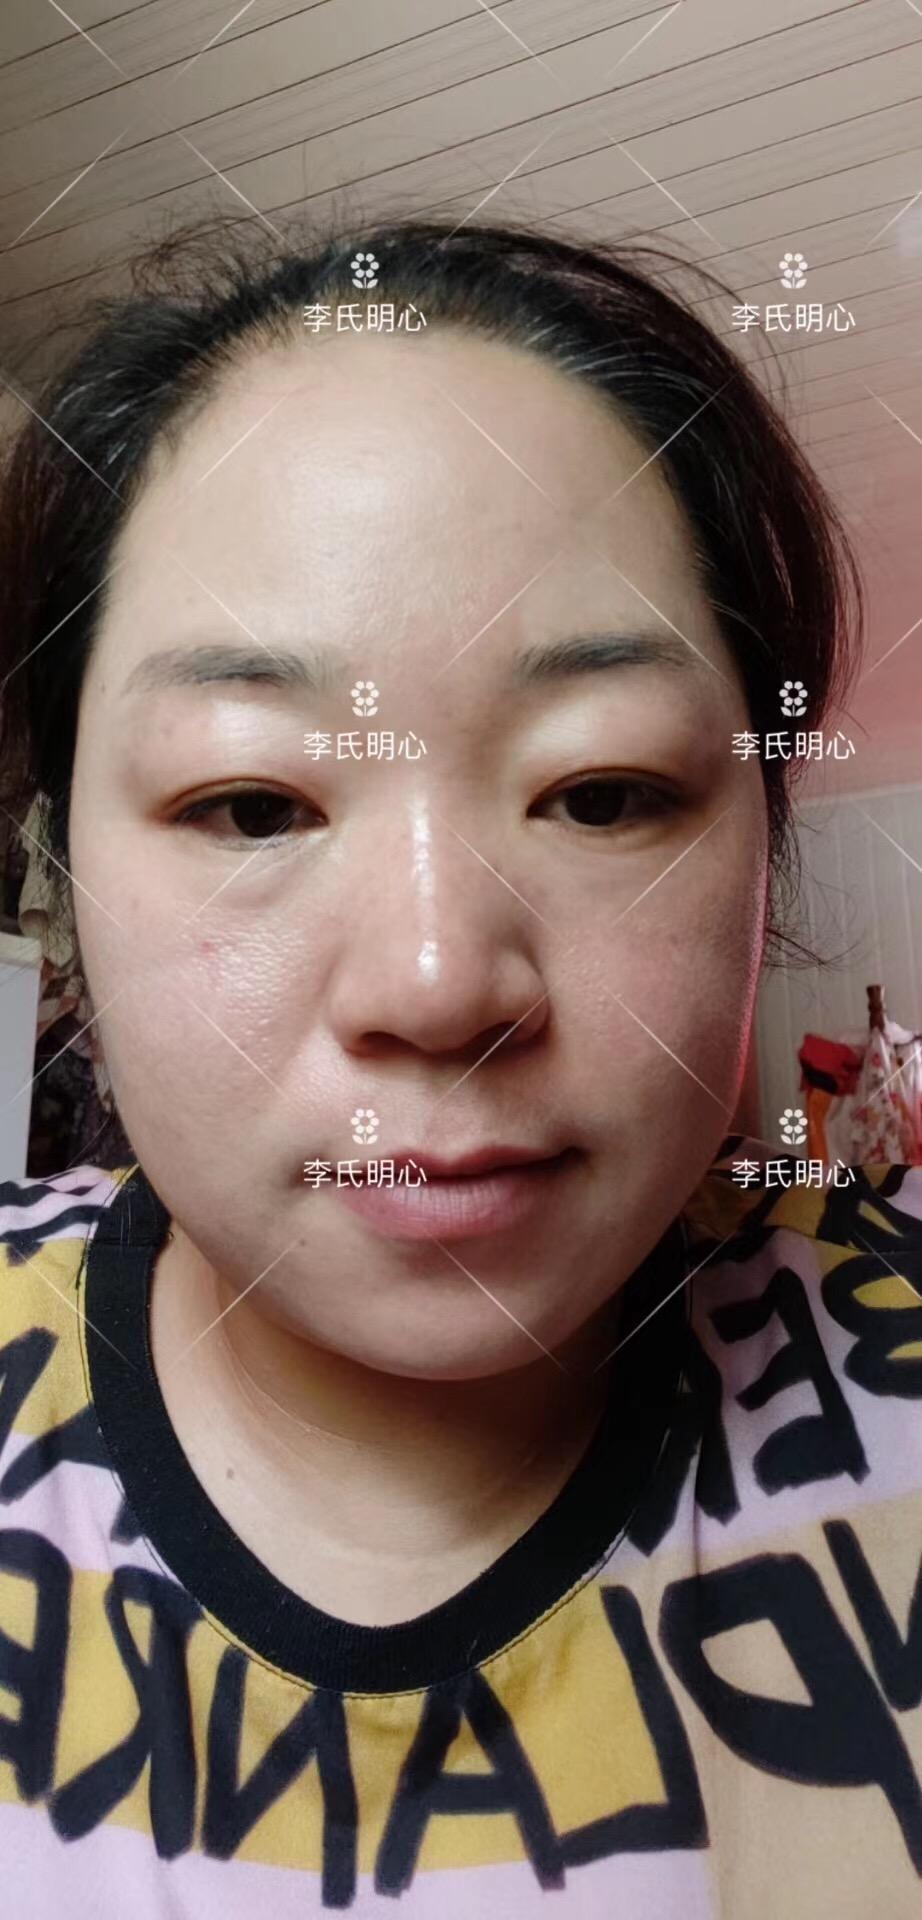 祛斑产品推荐李氏明心祛斑霜!效果案例-李氏明心